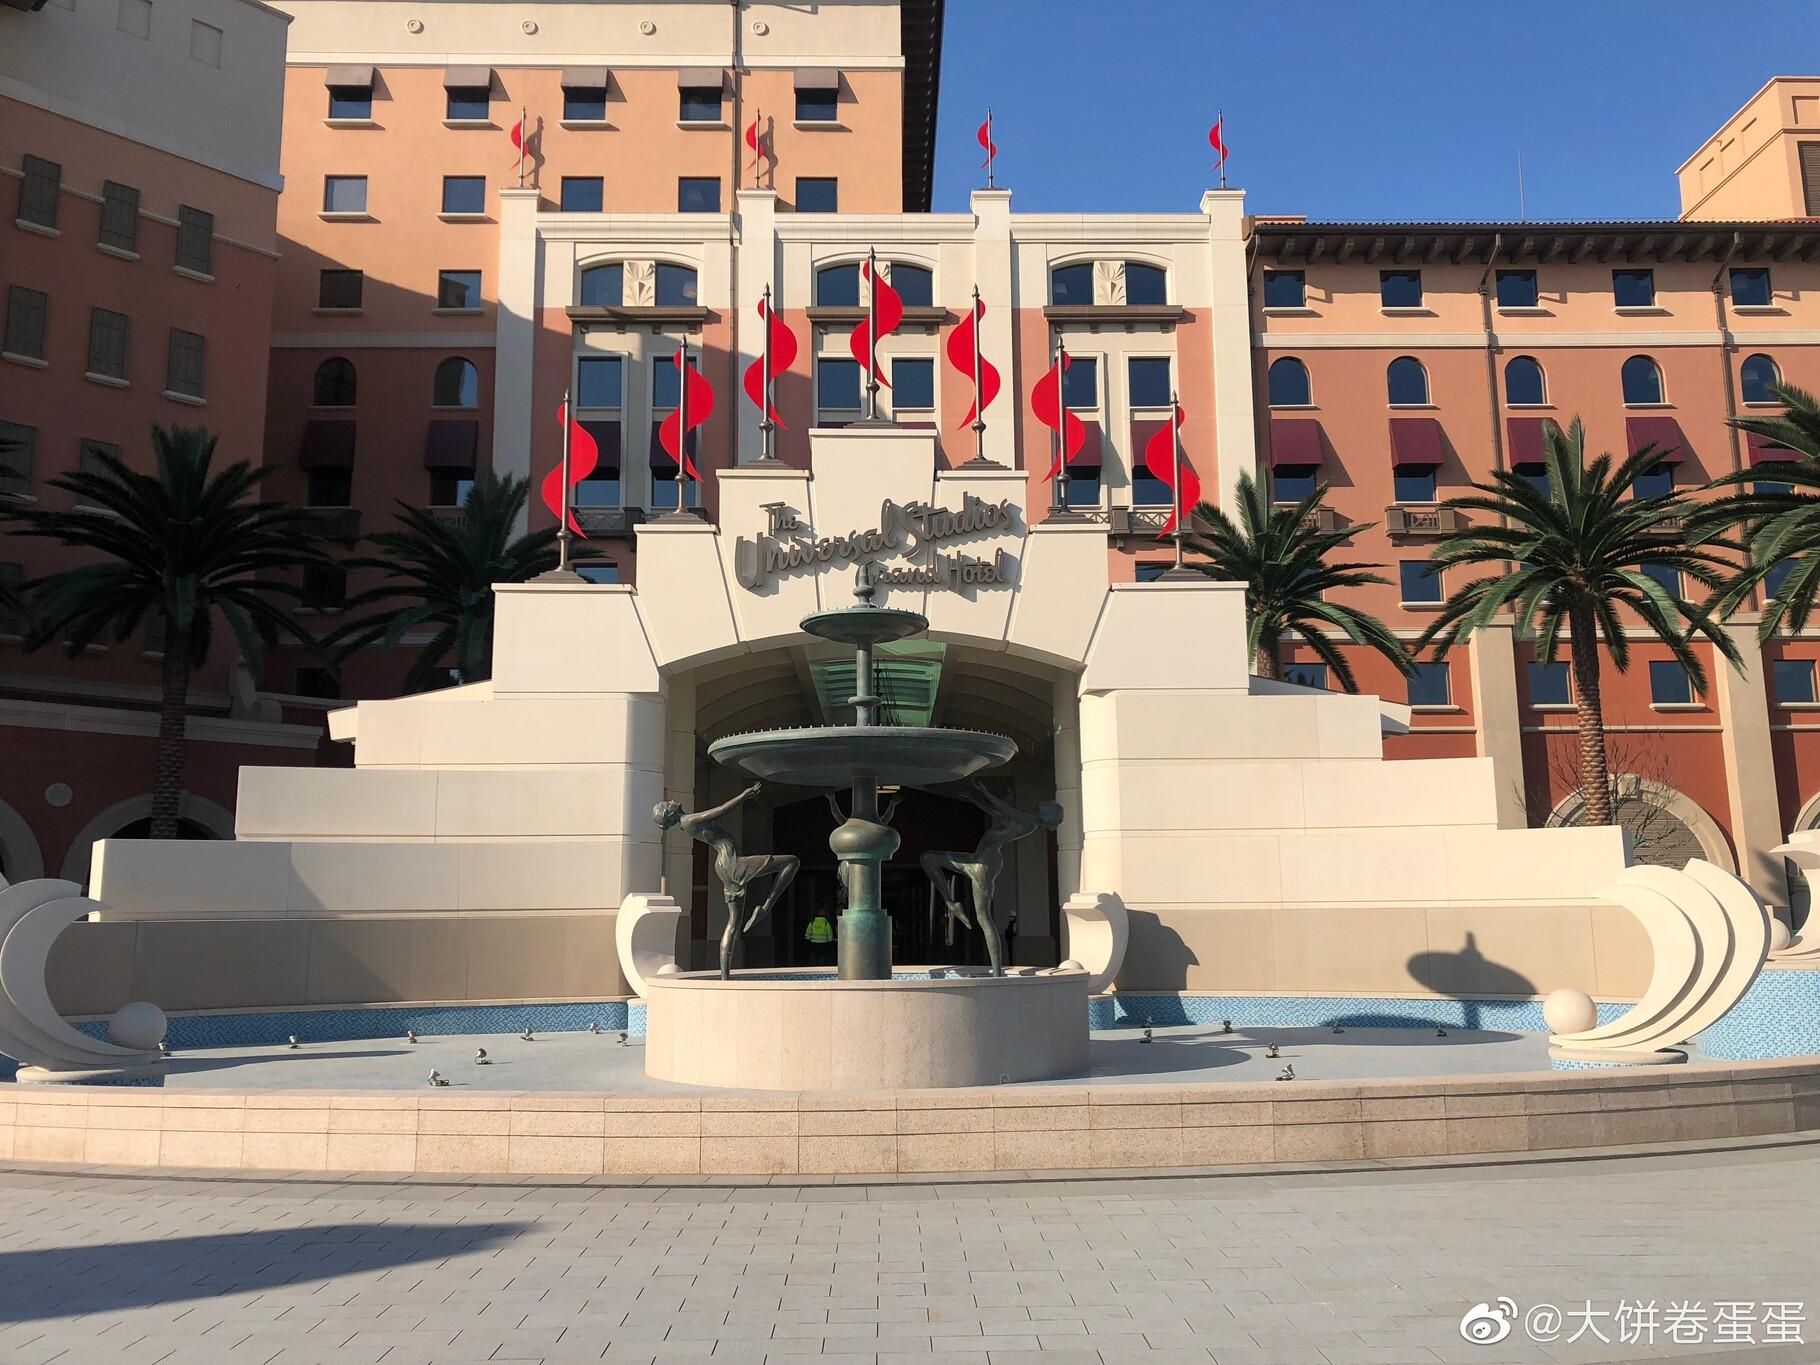 universal-studios-beijing-03514500.jpg